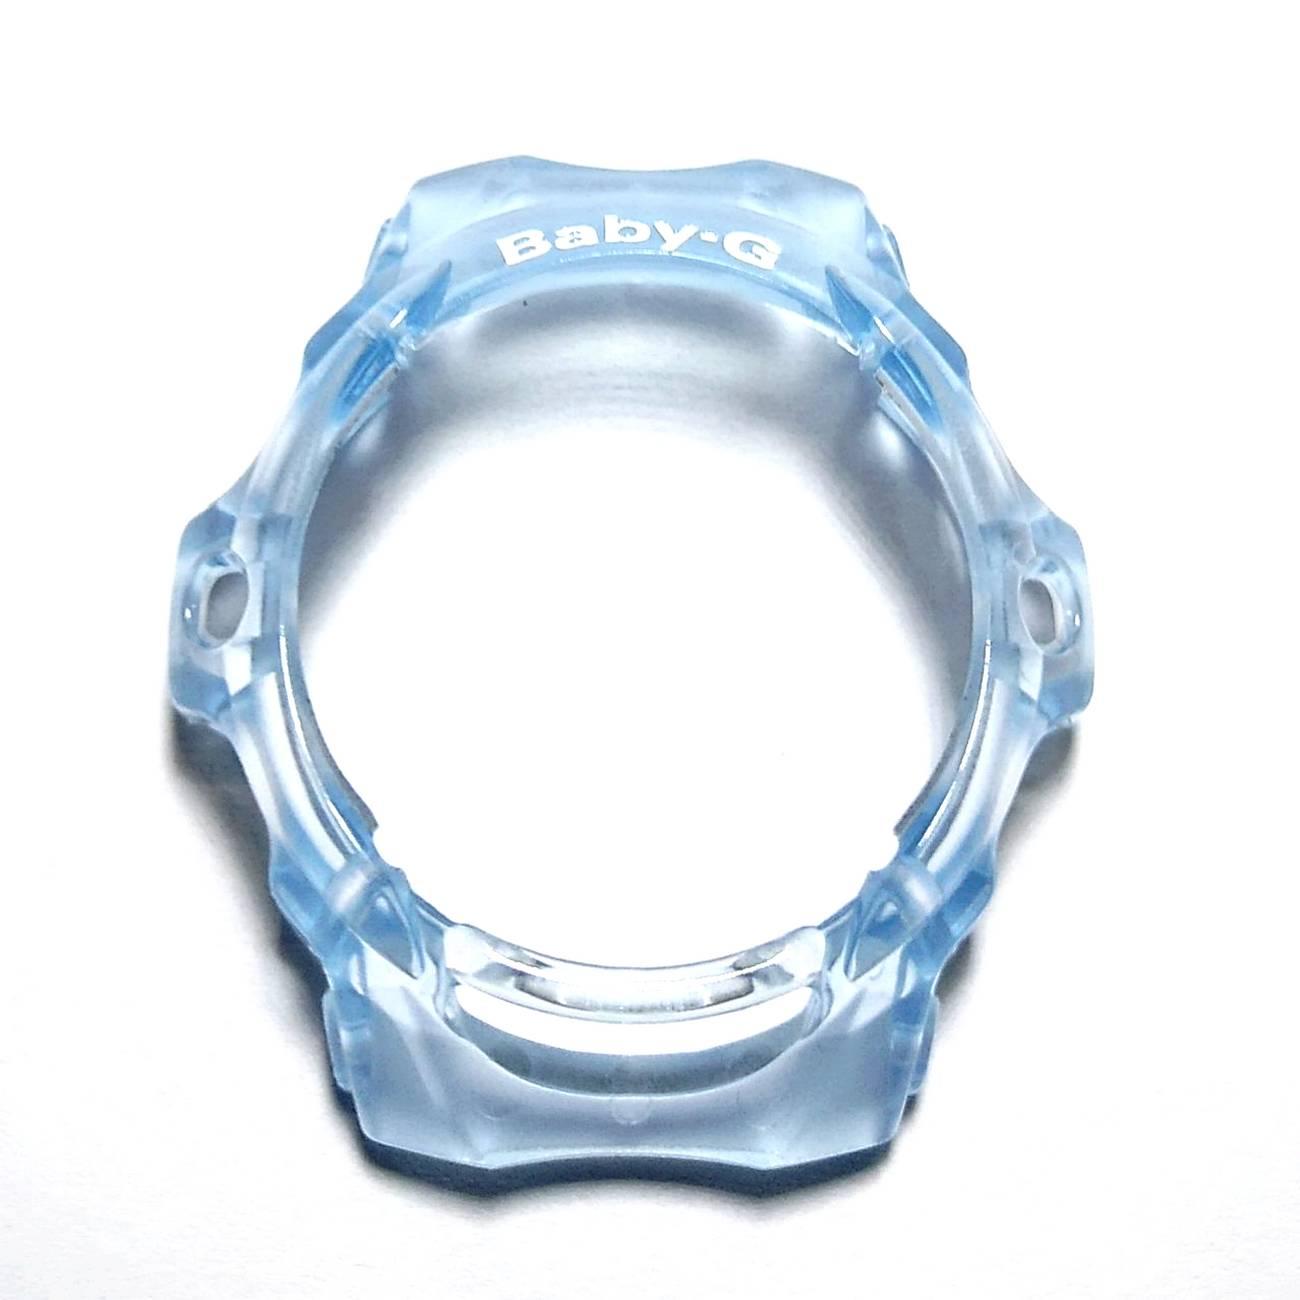 Pulseira + Bezel Casio Baby-G BG-169 Azul Claro Transparente  - E-Presentes